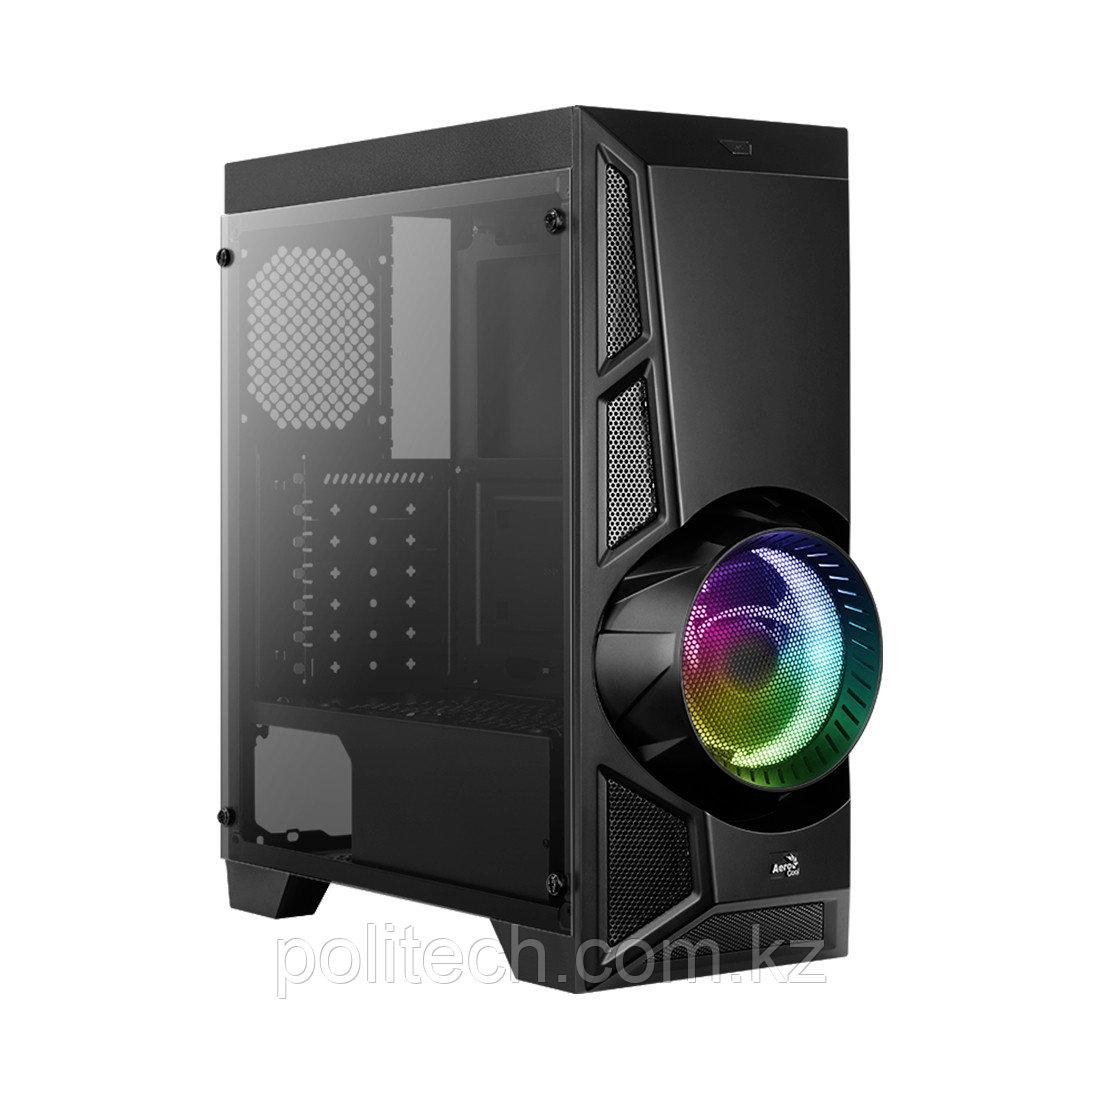 Компьютерный корпус Aerocool AeroEngine RGB без Б/П